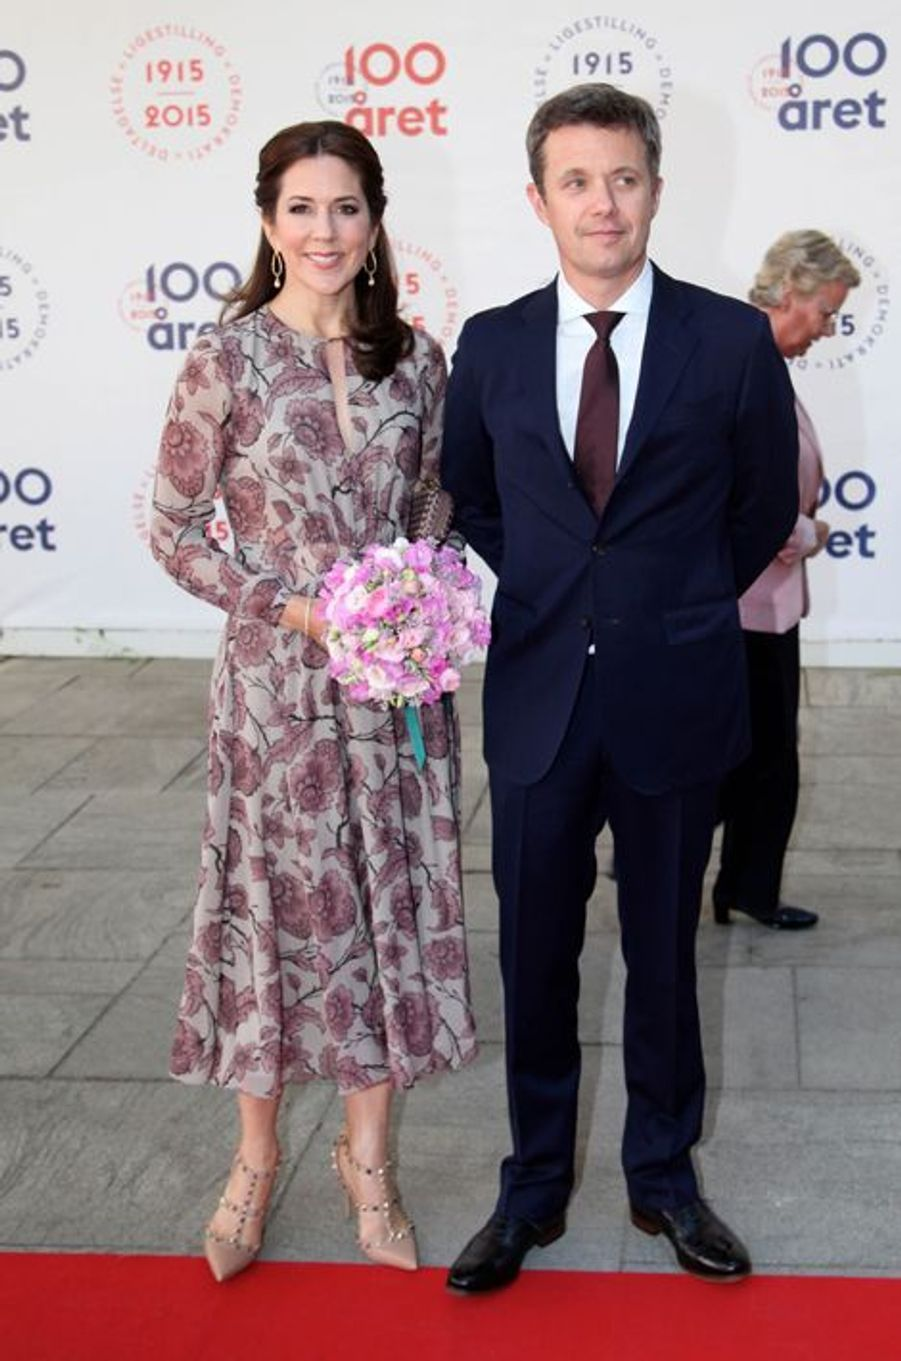 La princesse Mary et le prince Frederik de Danemark à Copenhague, le 4 juin 2015